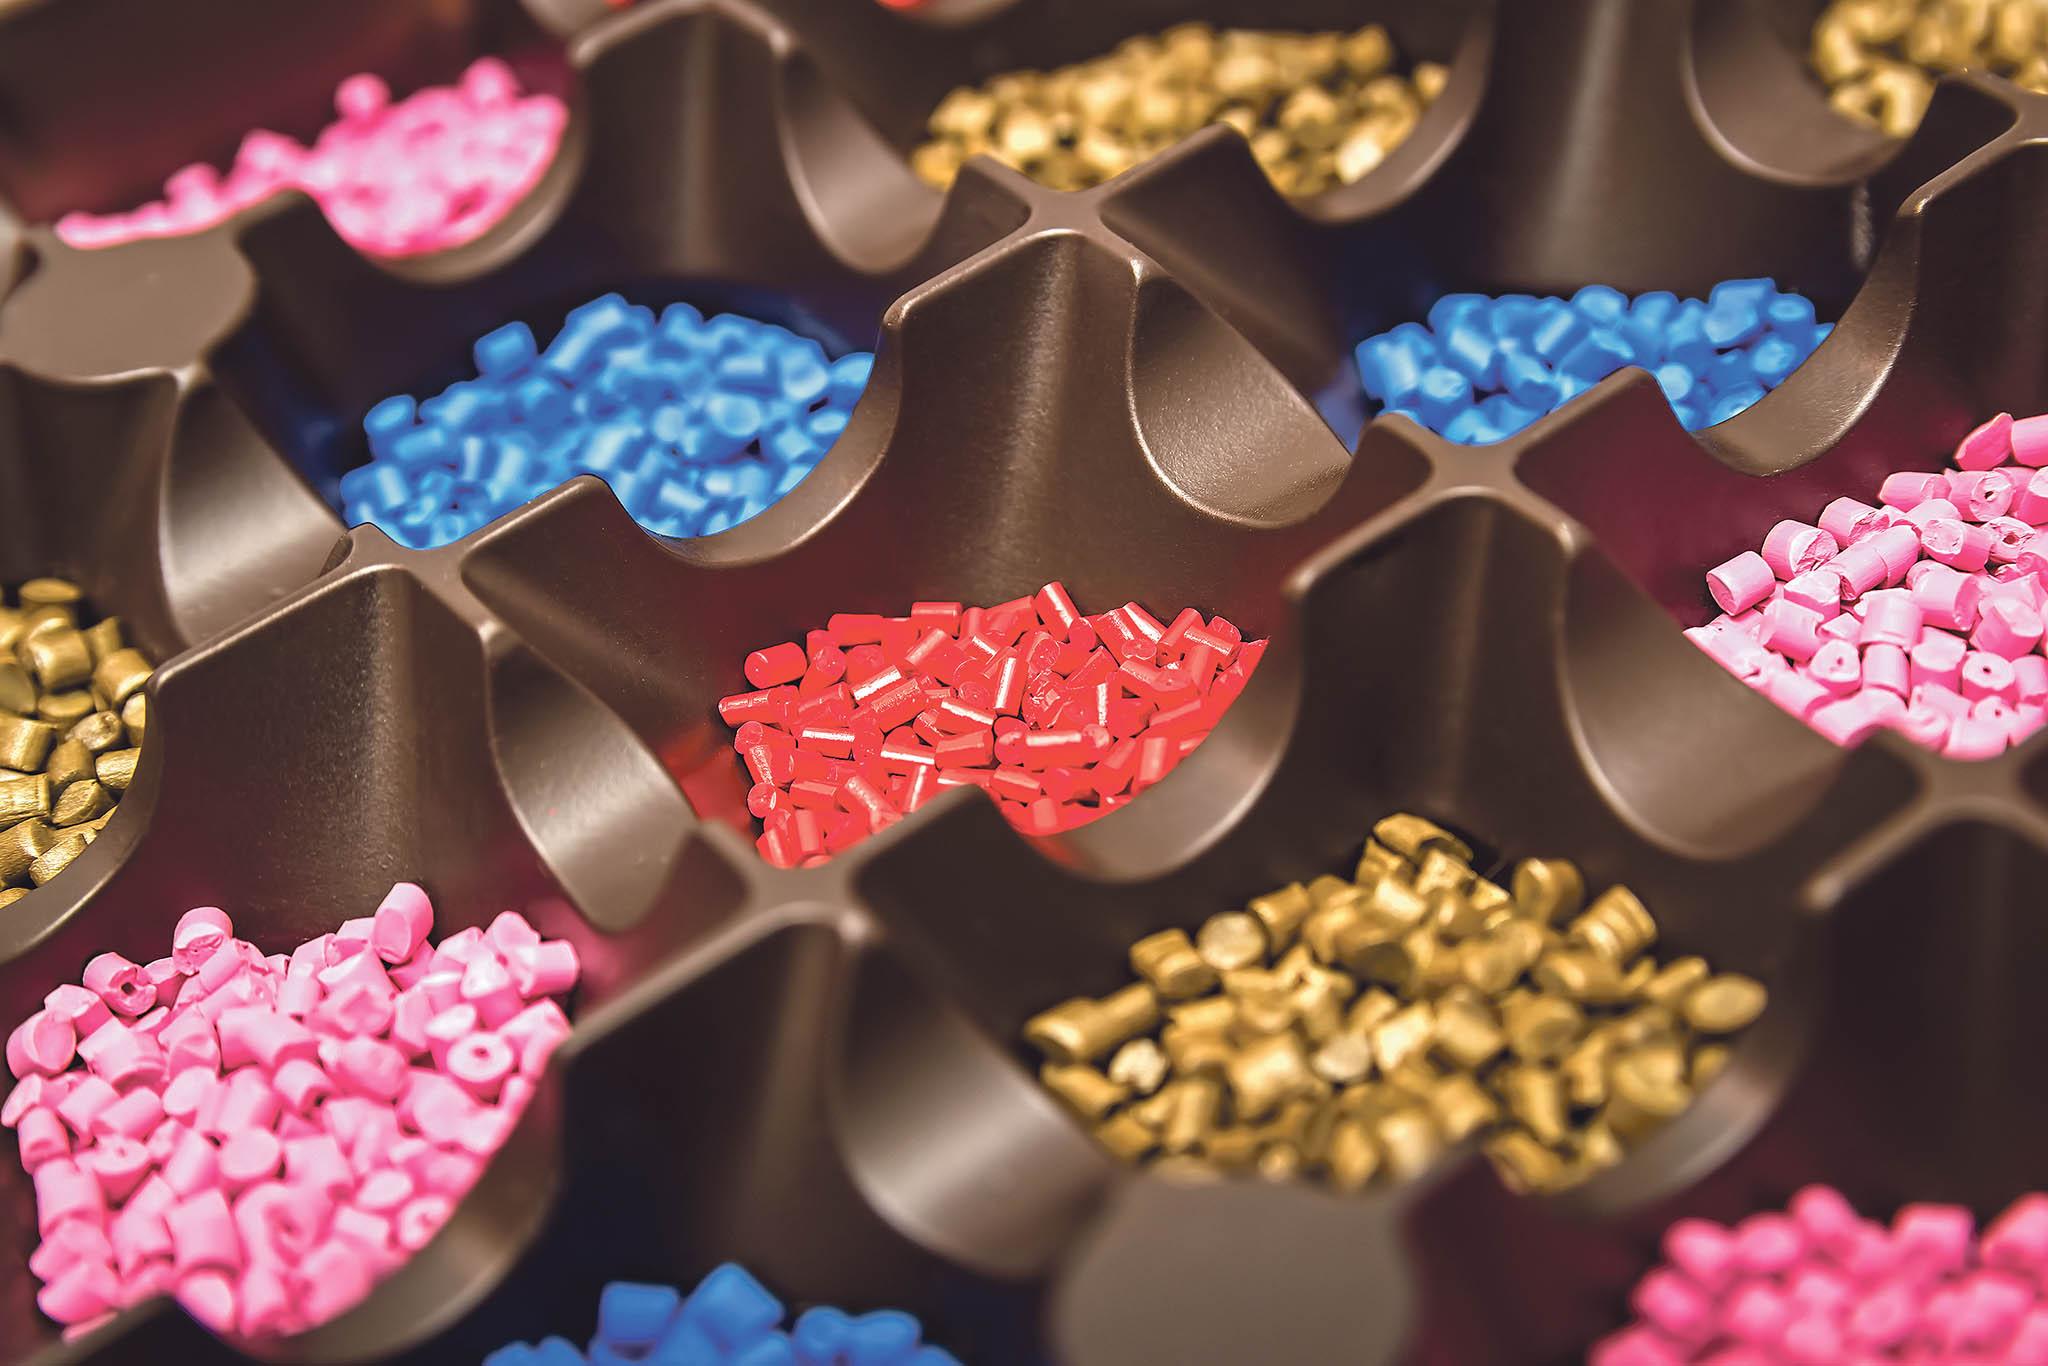 Vstřikovací stroj aplastové pelety, zekterýchse vyrábí různé plastové produkty.